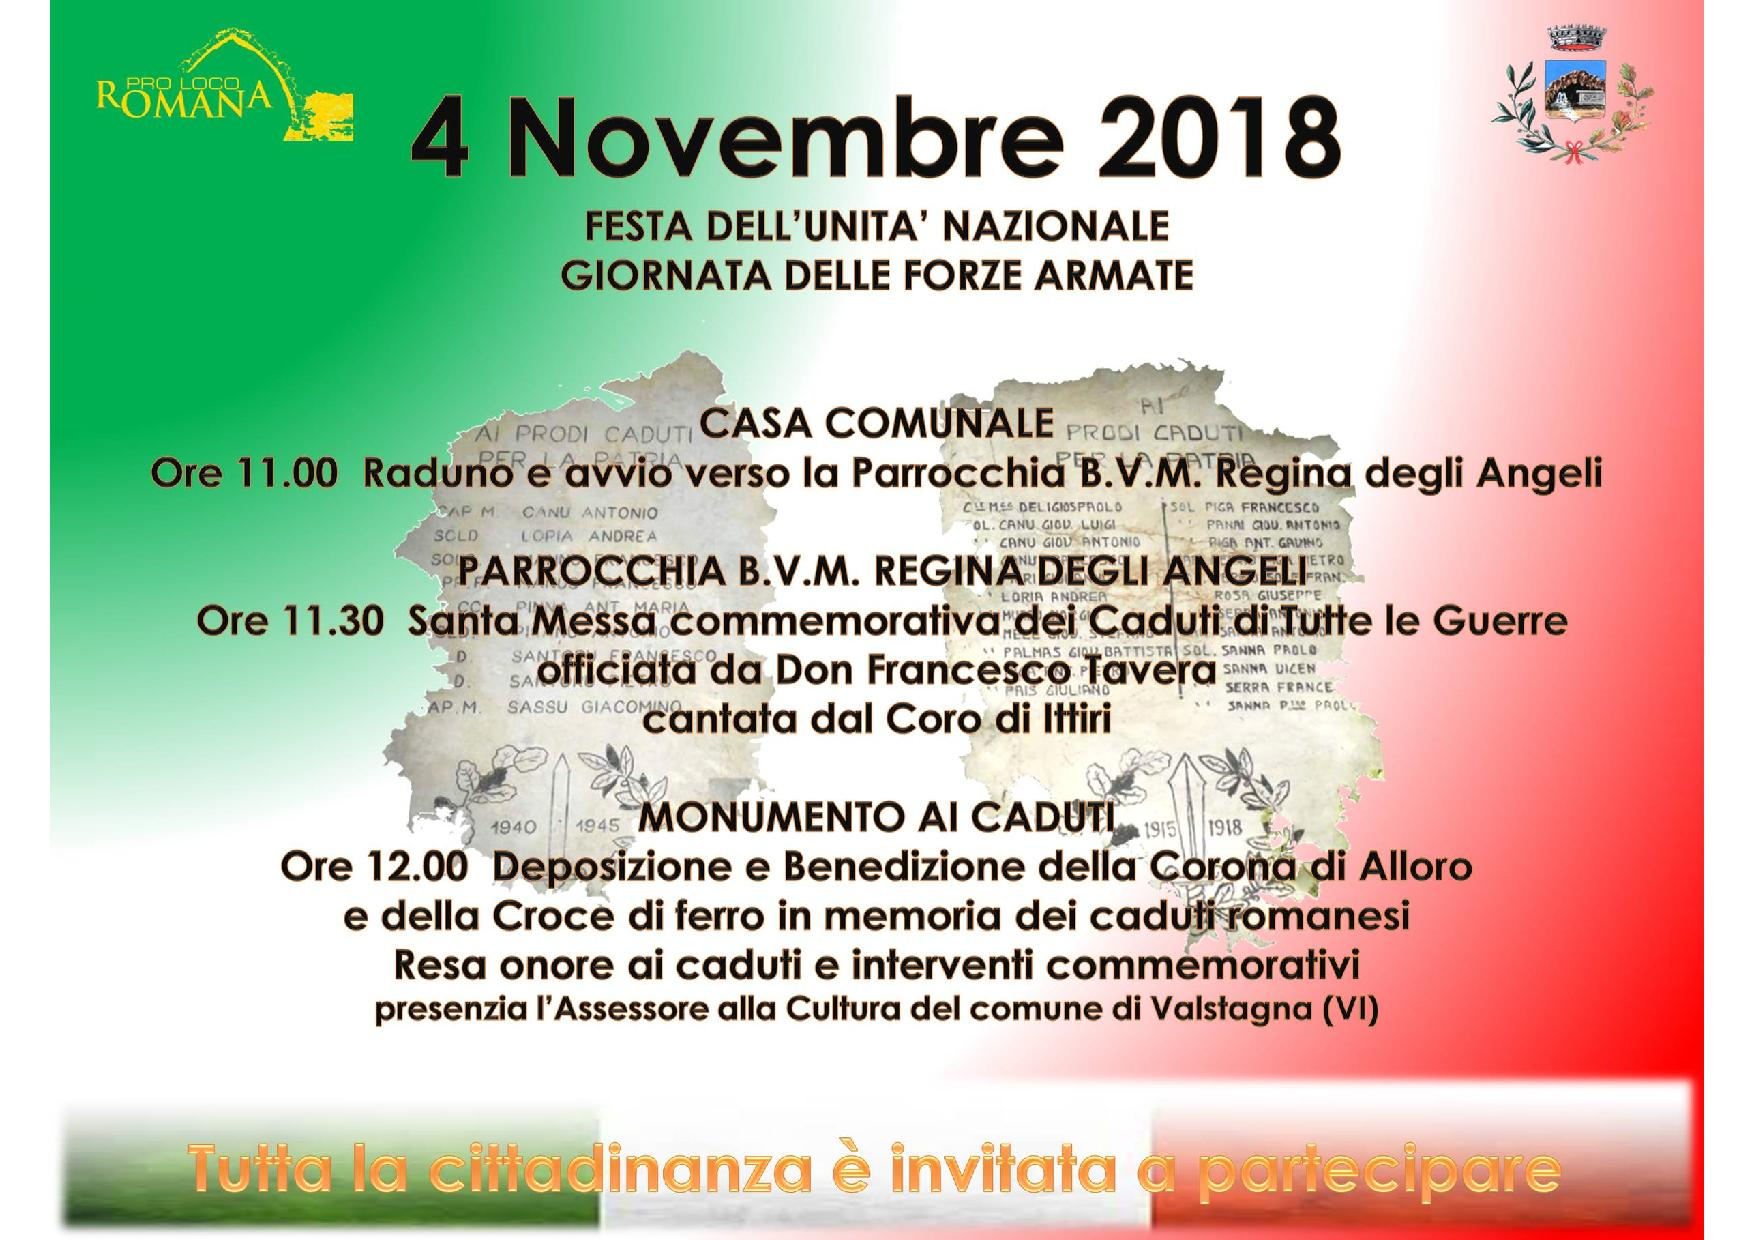 IV NOVEMBRE 2018 - COMMEMORAZIONE DEI CADUTI IN GUERRA.